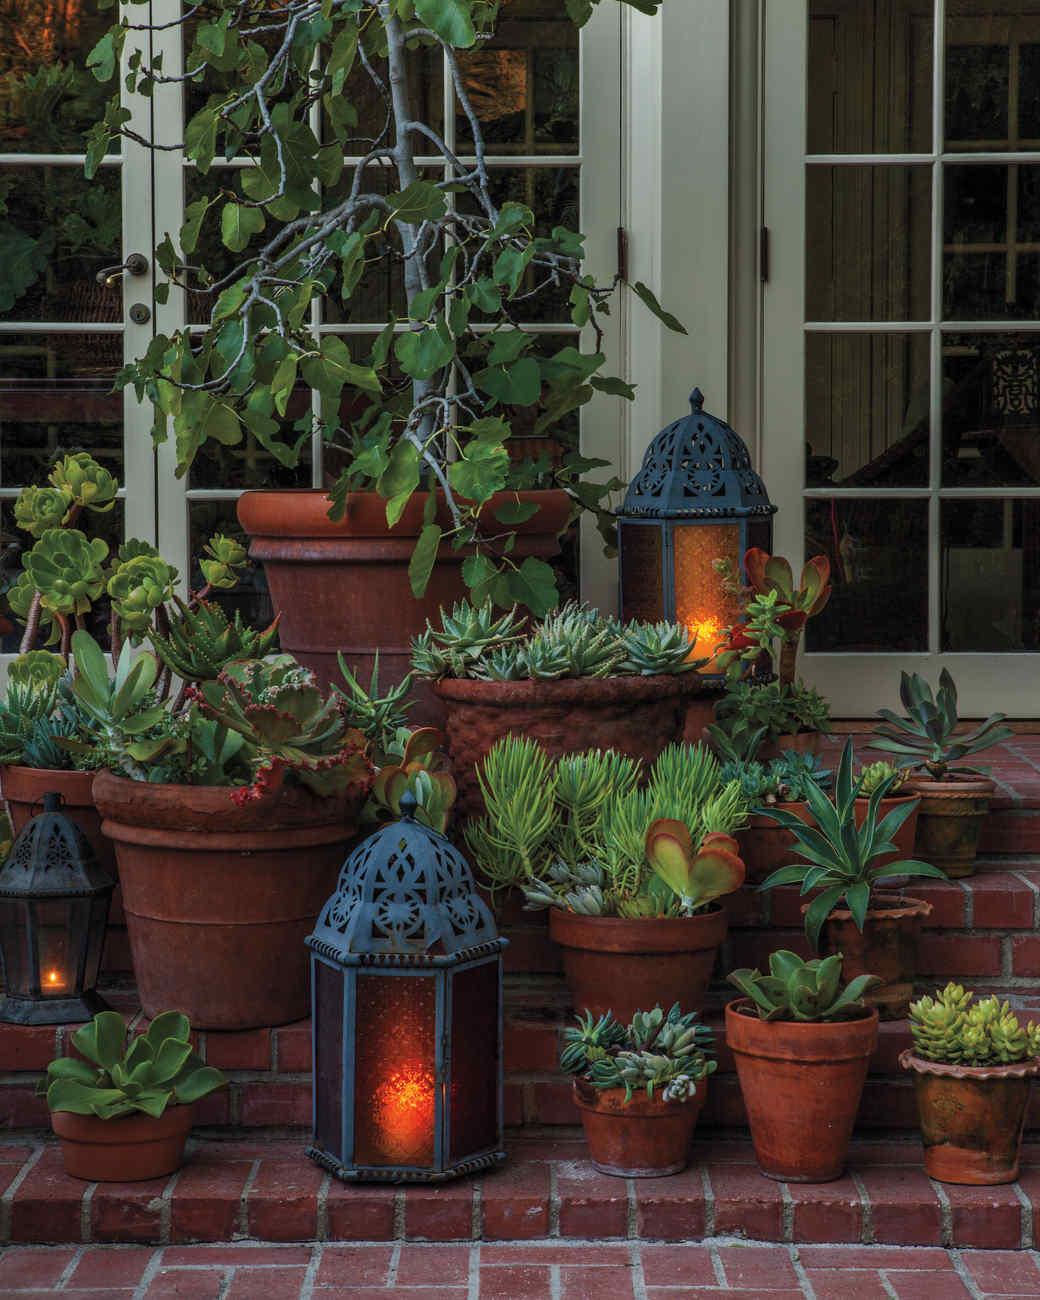 Decorative Flower Pots And Planters : Decorative flowerpots and planters martha stewart